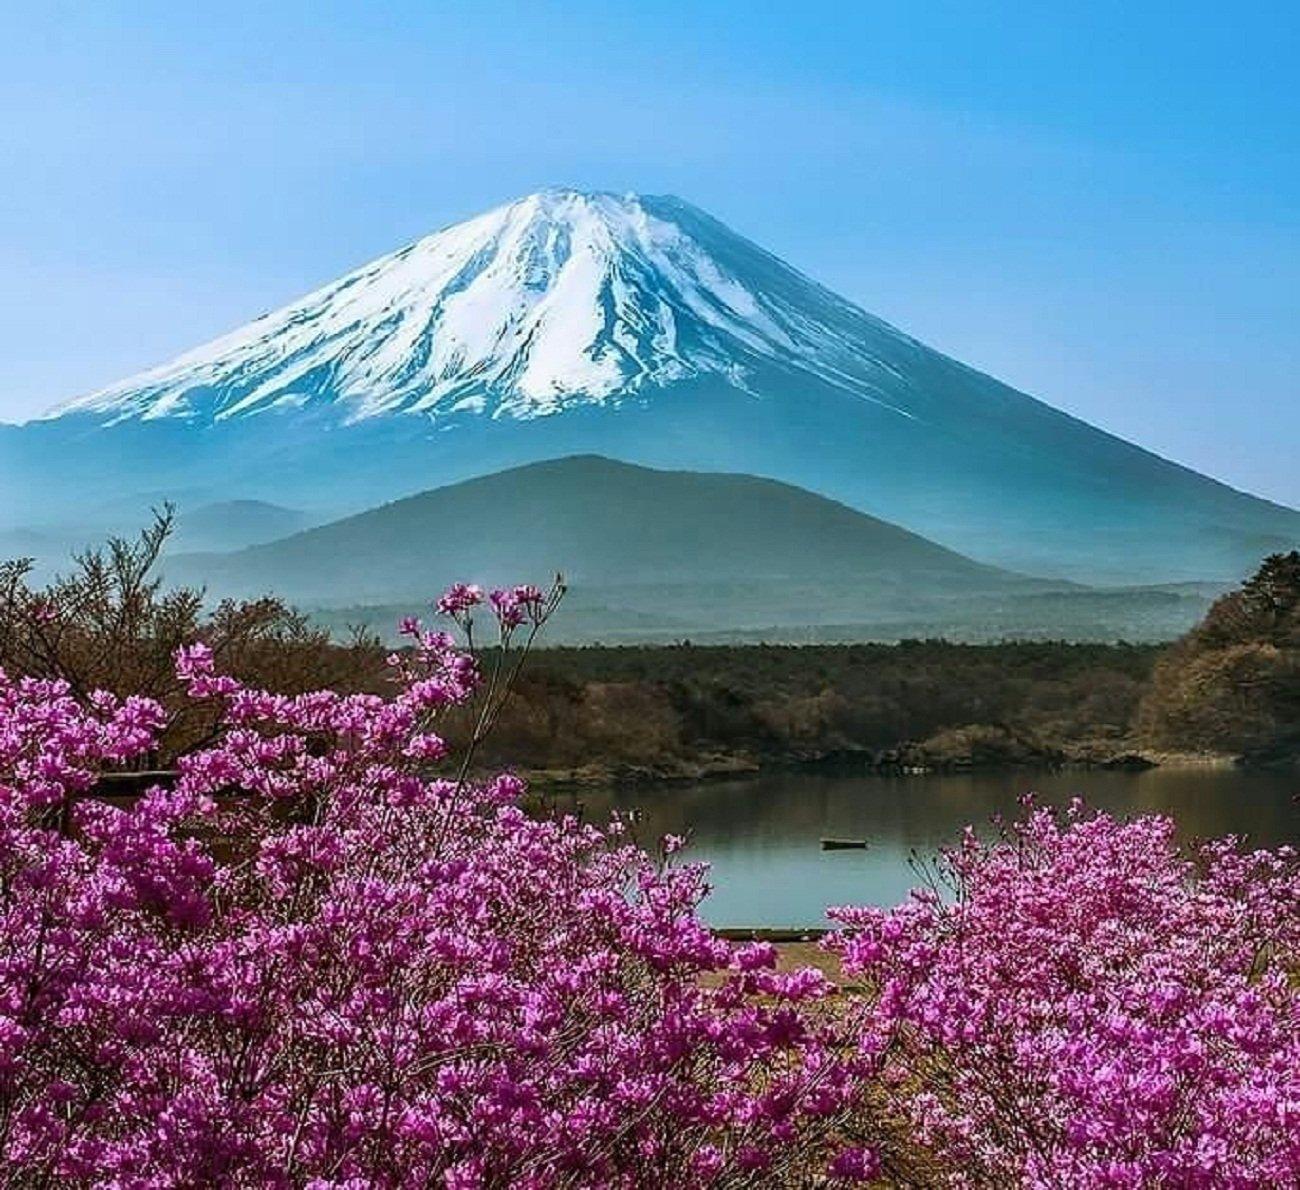 Ученые отыскали  подземную связь между 2-мя  японскими вулканами